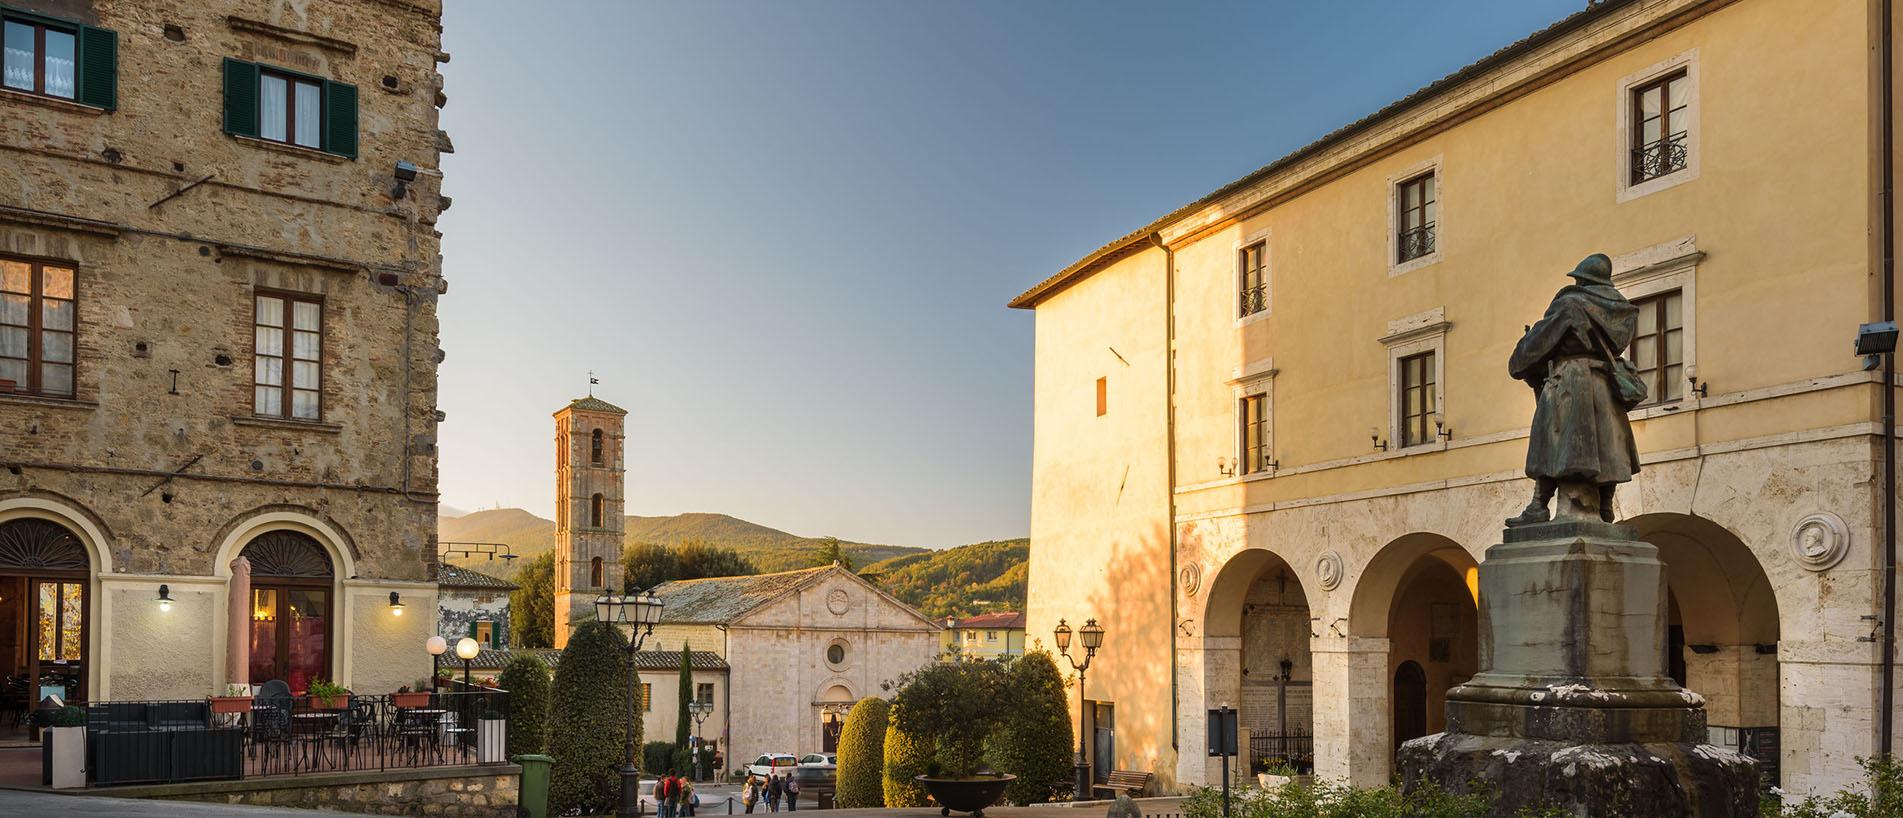 Vacanze a Sarteano in agriturismo, Farm holidays in Sarteano